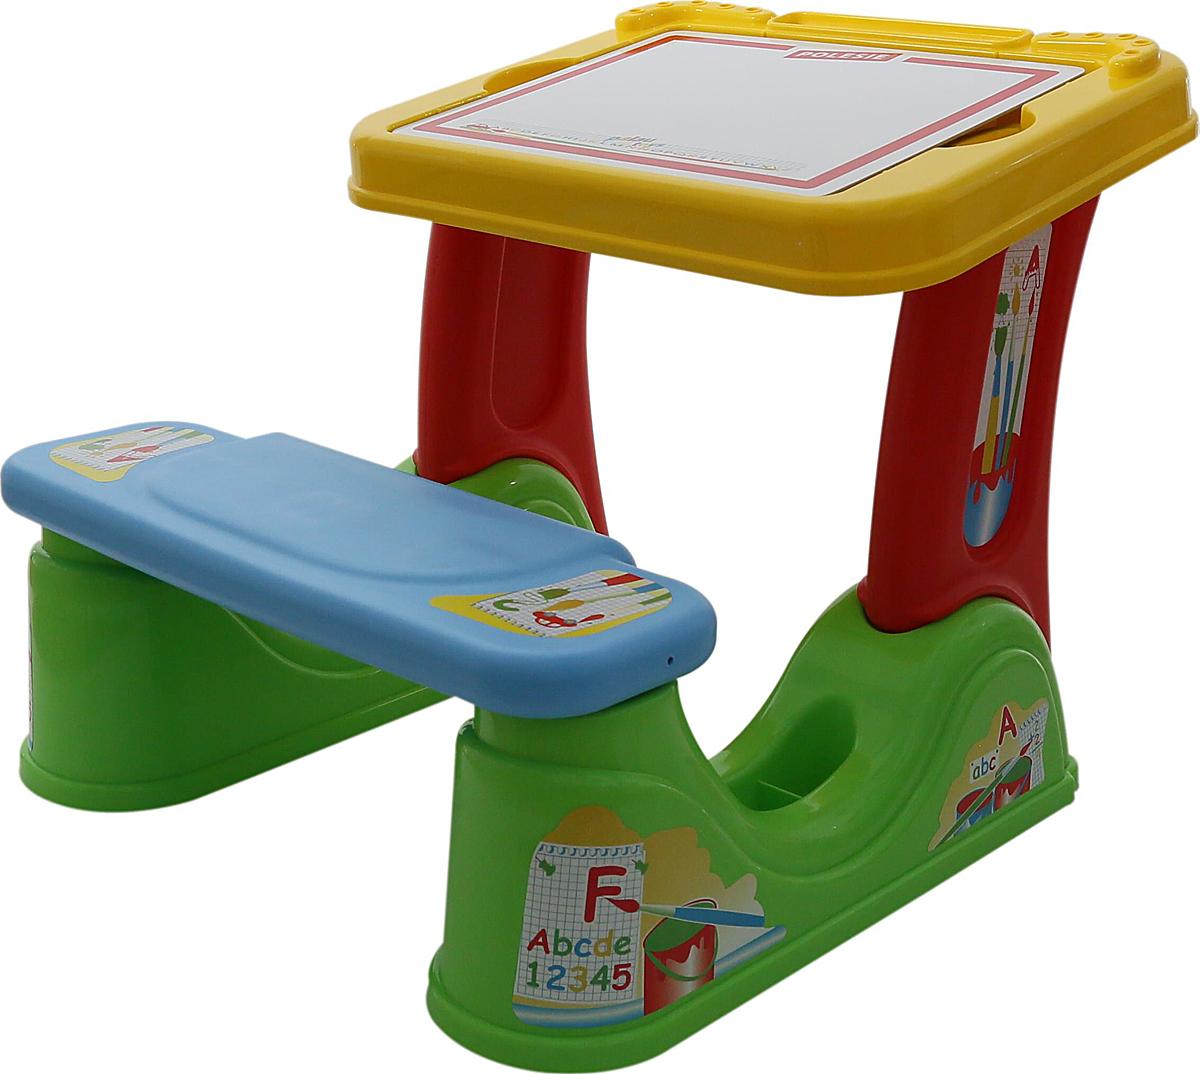 Полесье Детская мебель Набор дошкольника, цвет в ассортименте